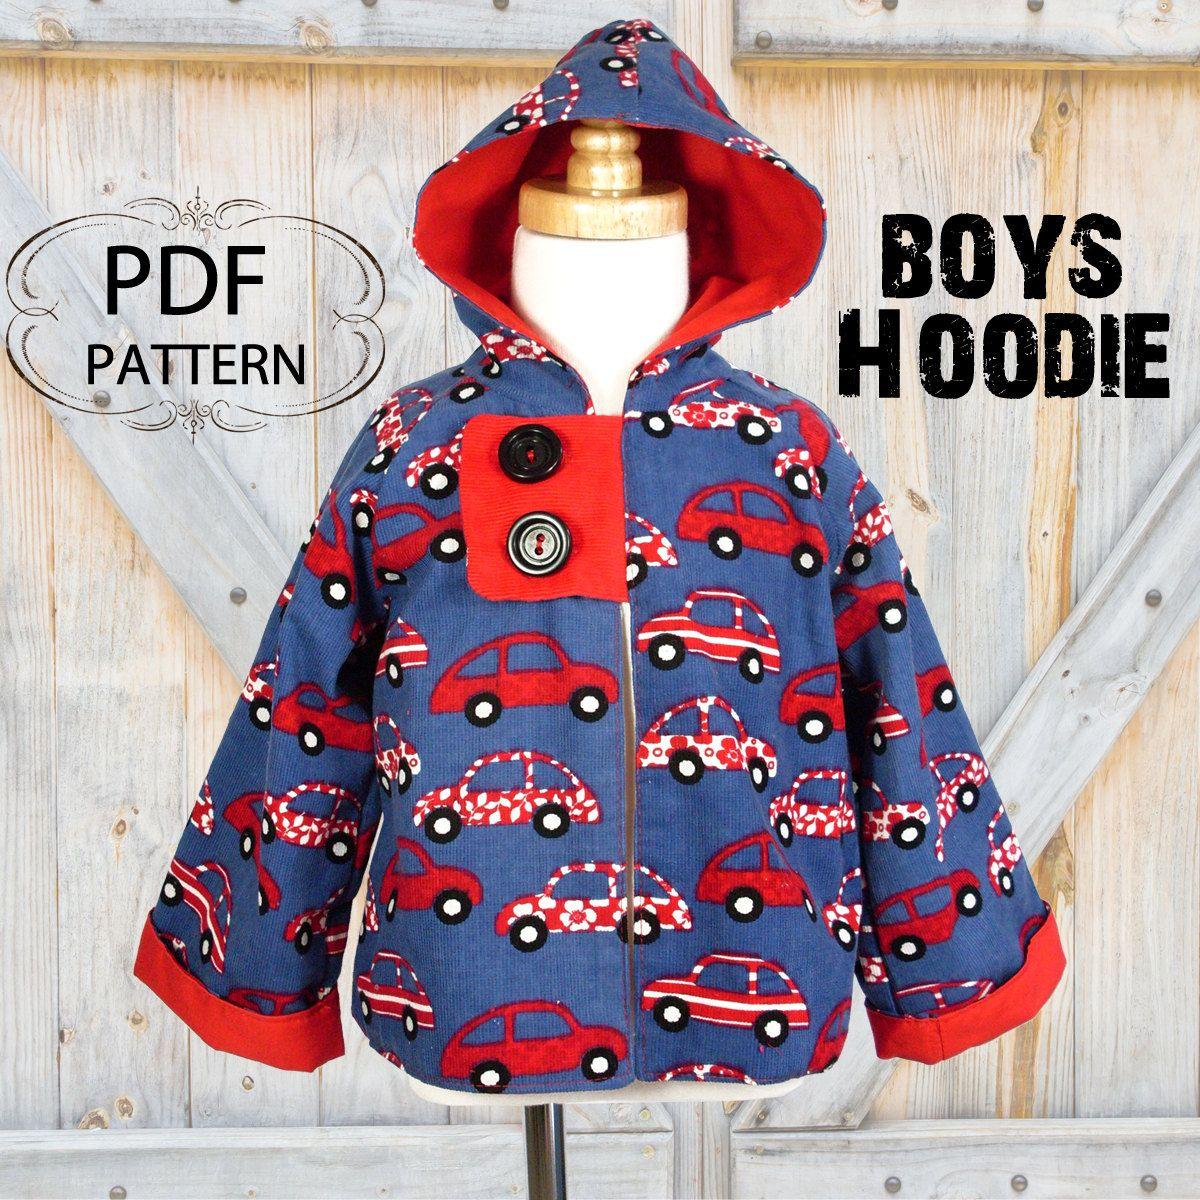 Boys jacket tutorial pdf sewing pattern door mychildhoodtreasures boys jacket tutorial pdf sewing pattern door mychildhoodtreasures jeuxipadfo Choice Image